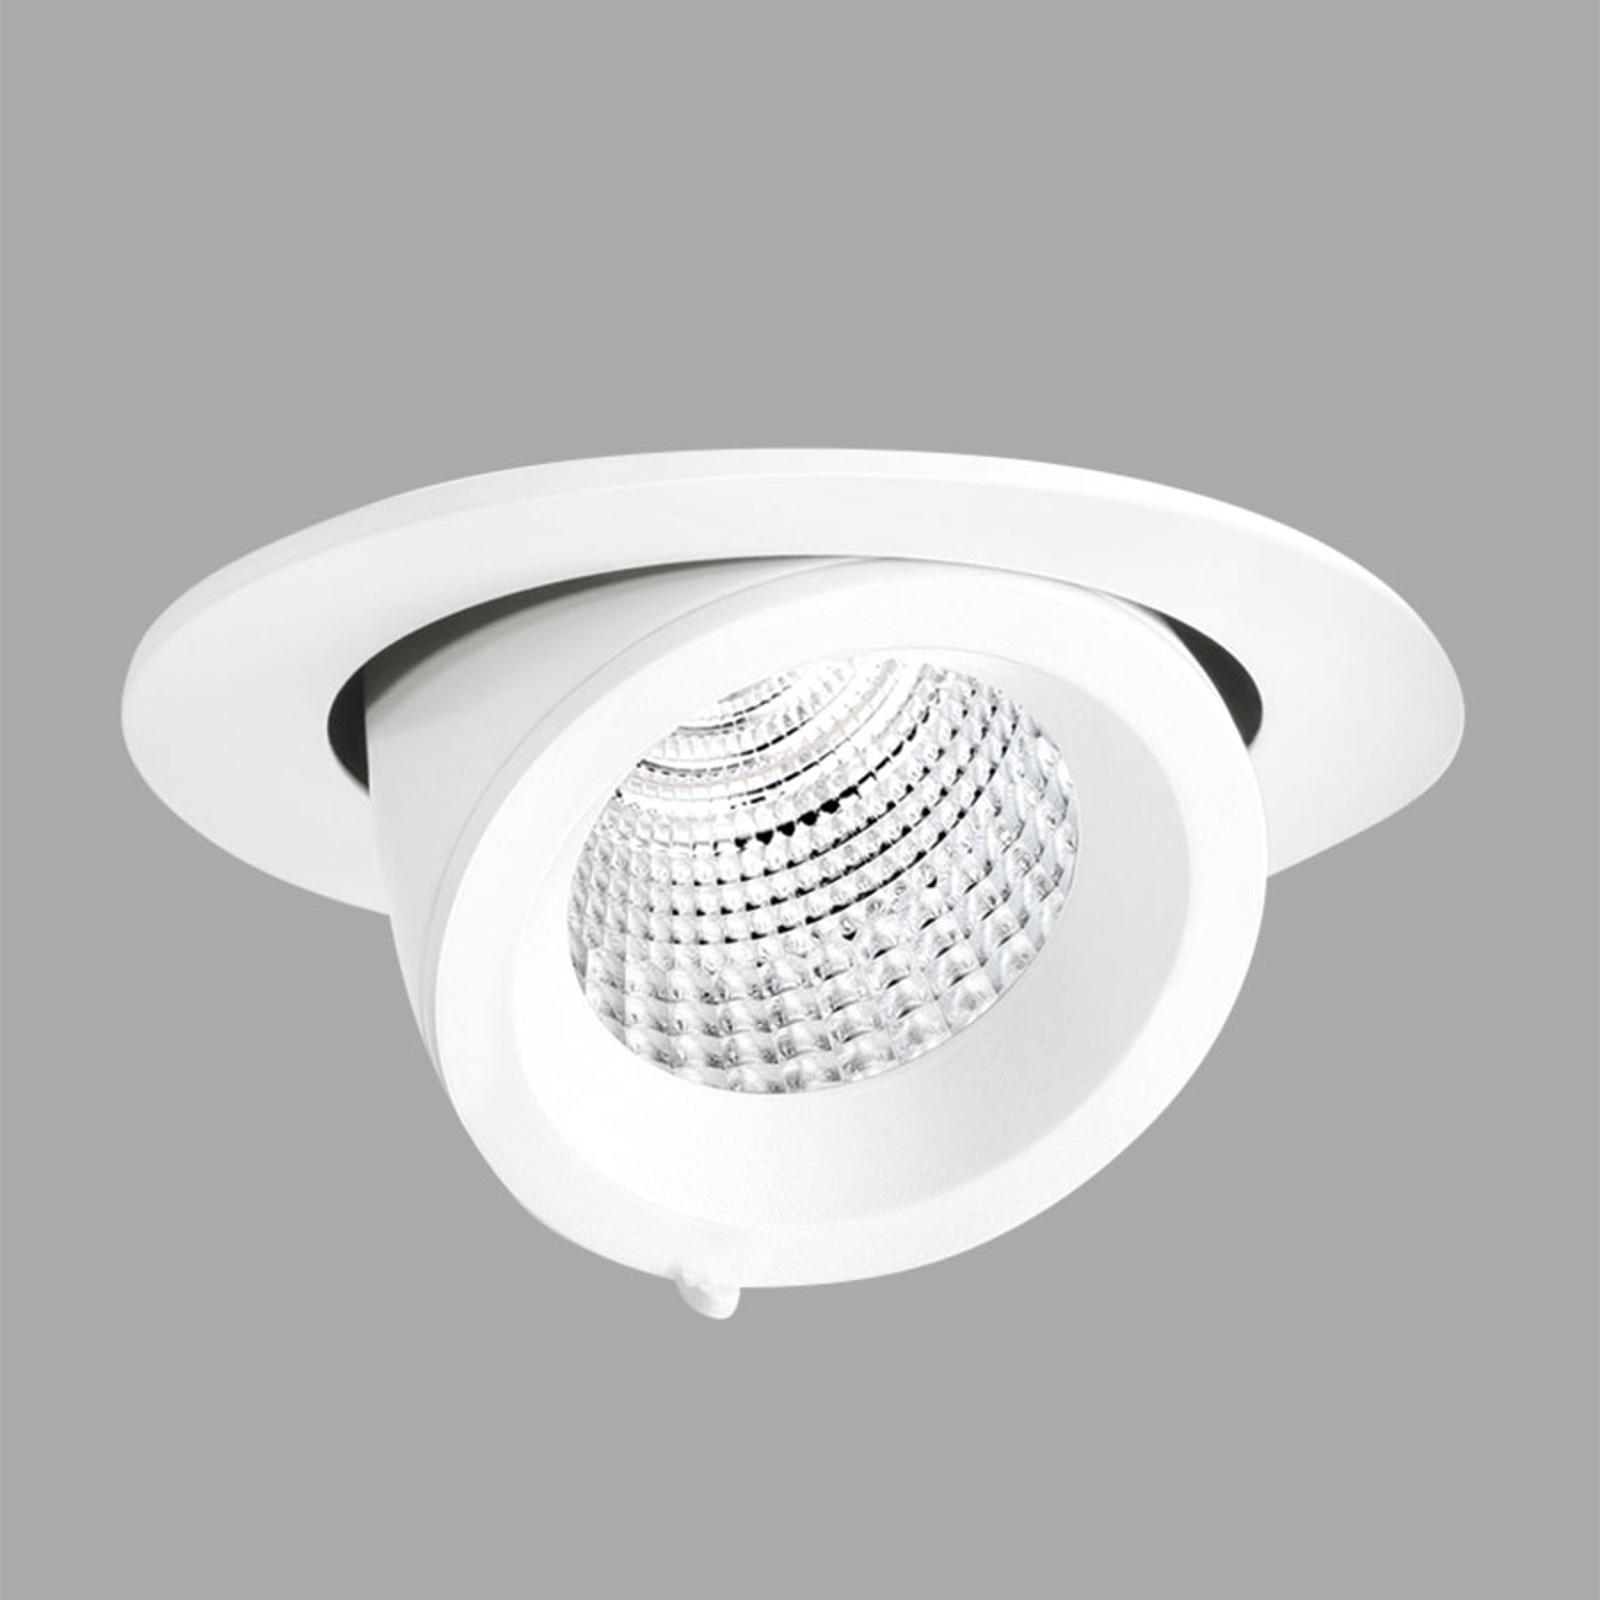 EB431 LED-Einbauleuchte Flood Reflektor weiß uw